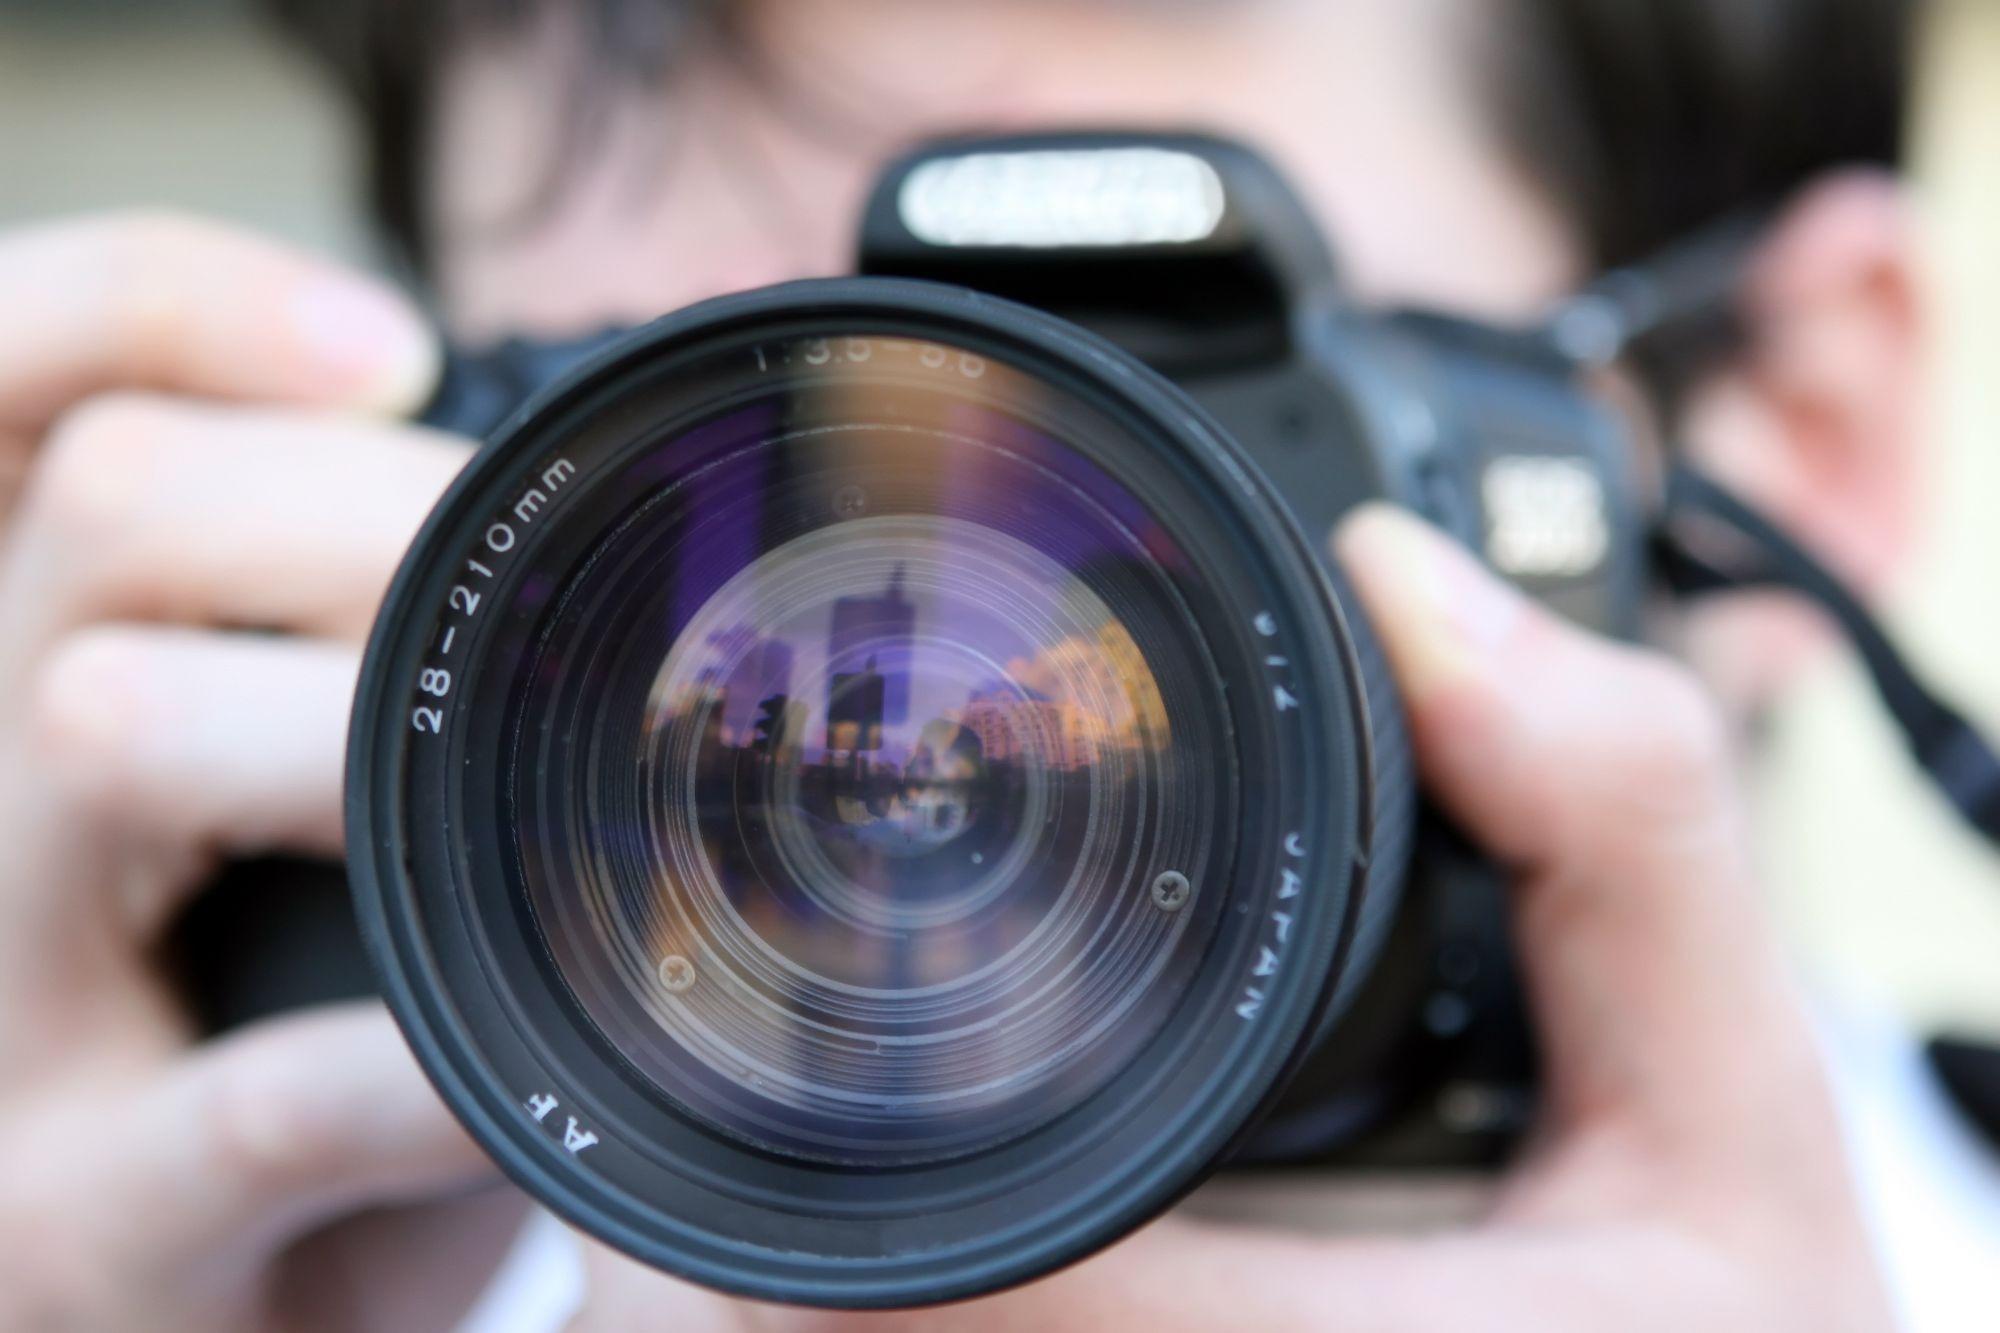 camera-1239384-1615235774.jpg